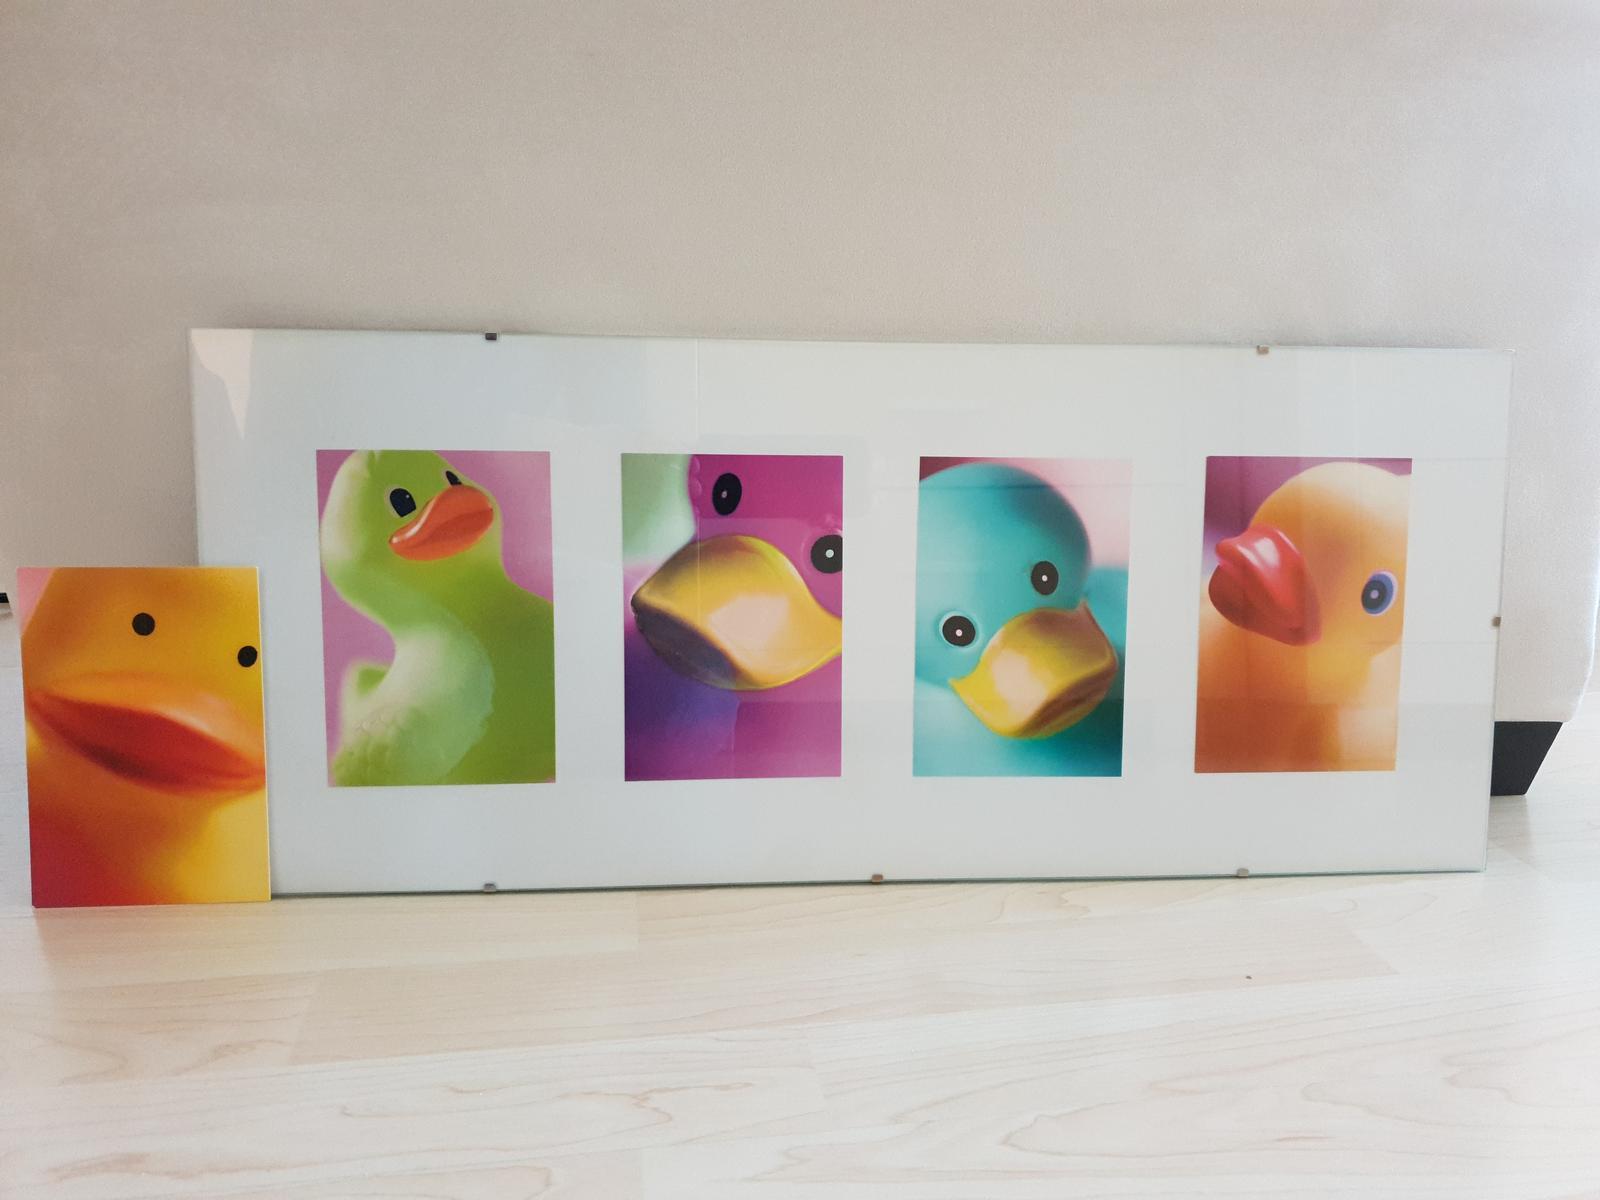 Fotorám Ikea s obrázkami - Obrázok č. 1